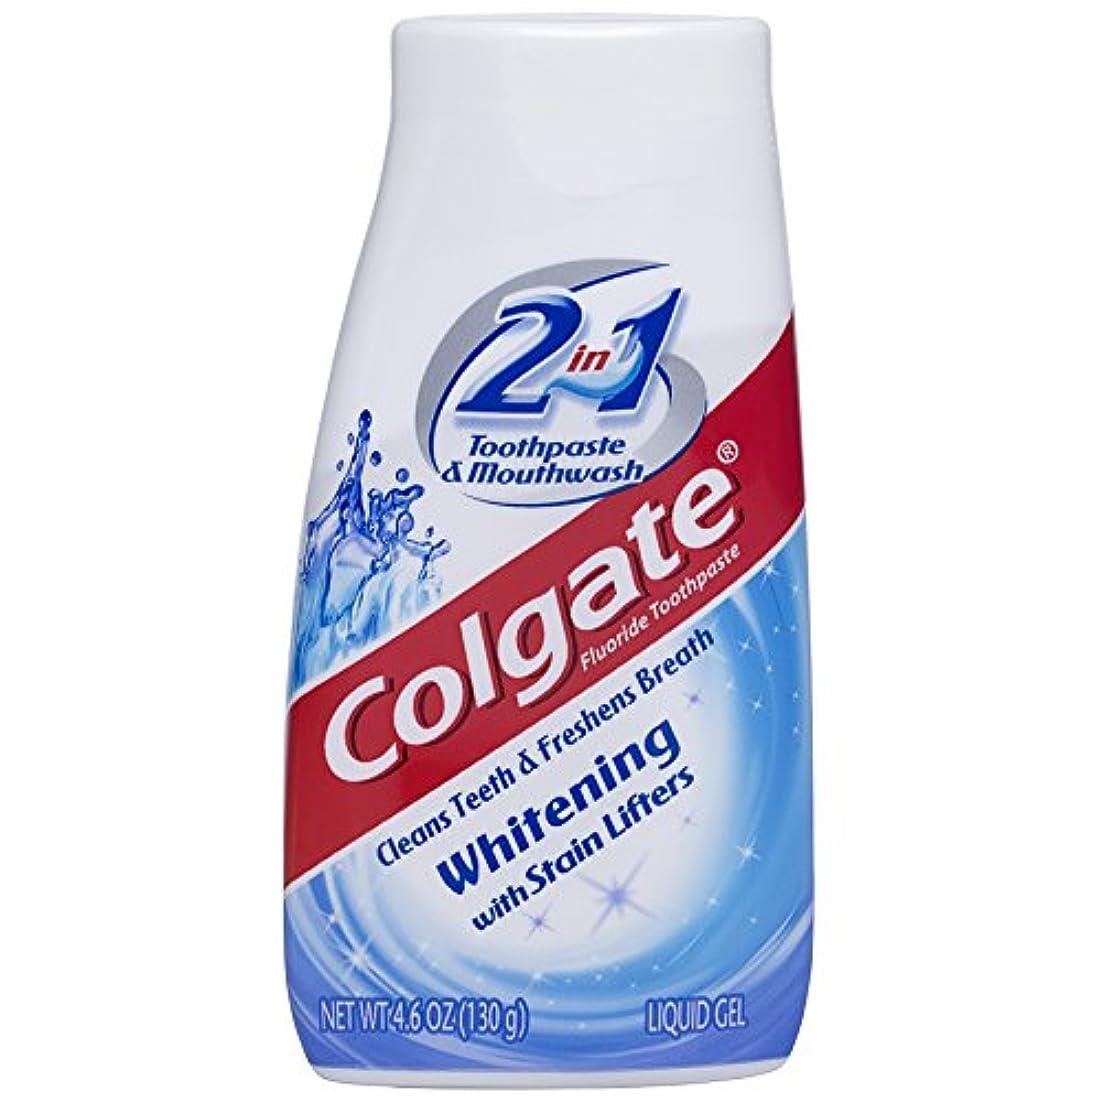 チャーム超越するうめき海外直送品Colgate 2 In 1 Toothpaste & Mouthwash Whitening, 4.6 oz by Colgate